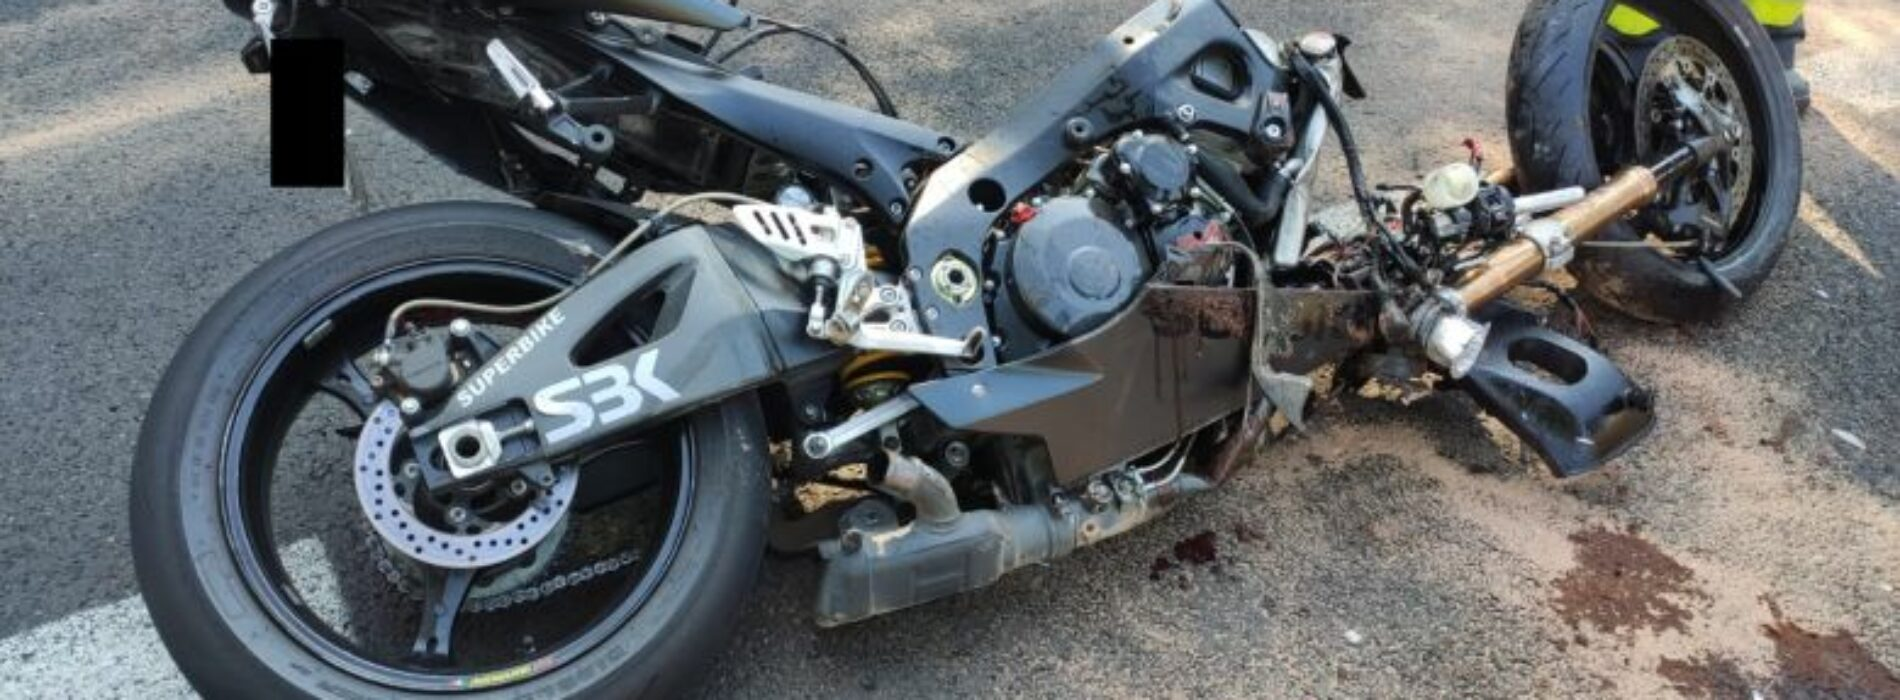 Tragiczny wypadek motocyklisty